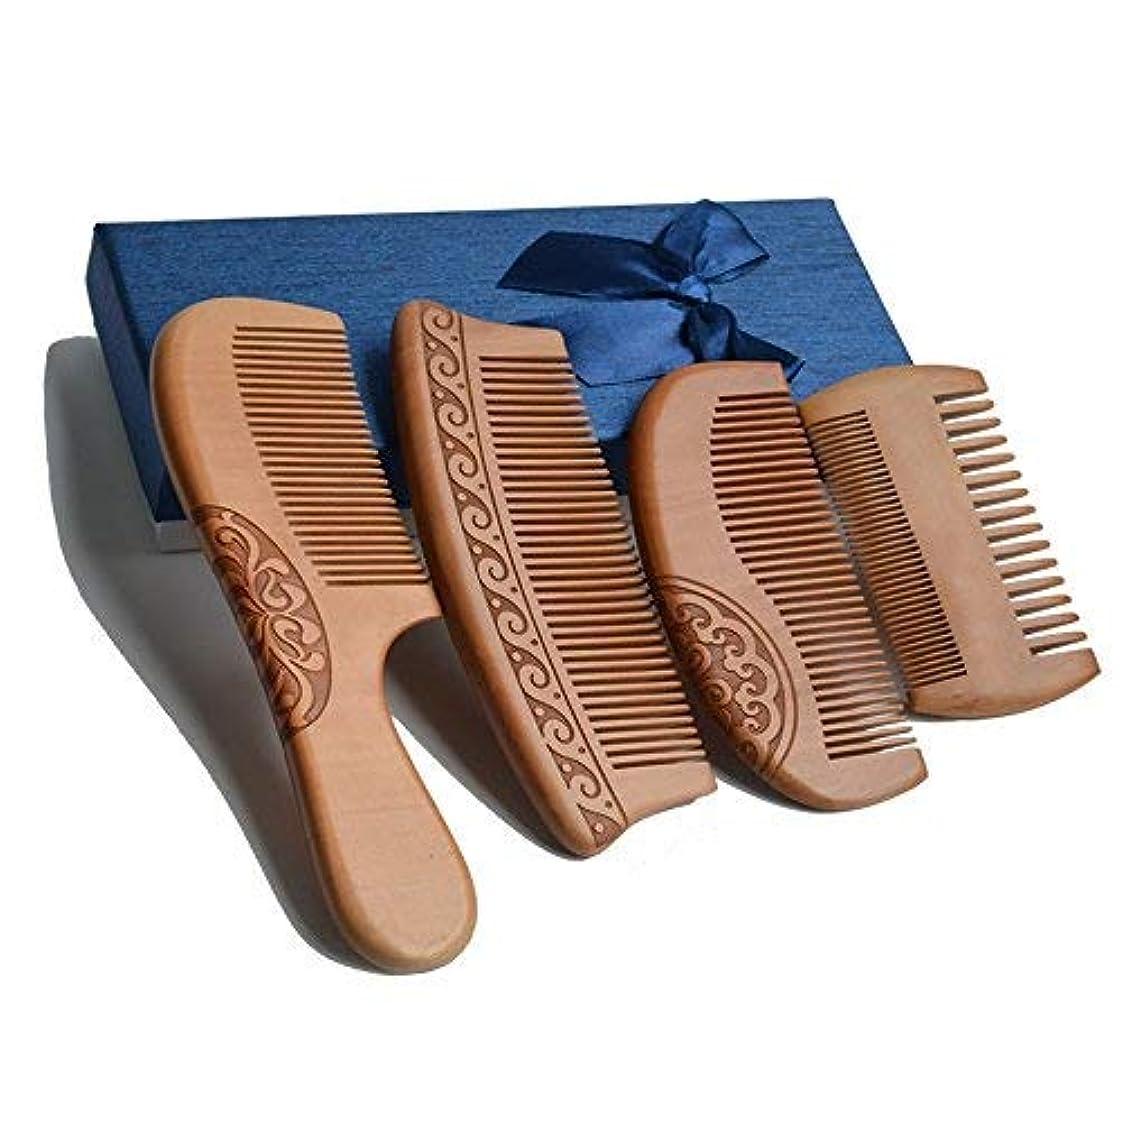 いっぱいモザイク割れ目4Pcs Wooden Hair Comb No Static Hair Detangler Detangling Comb with Premium Gift Box [並行輸入品]